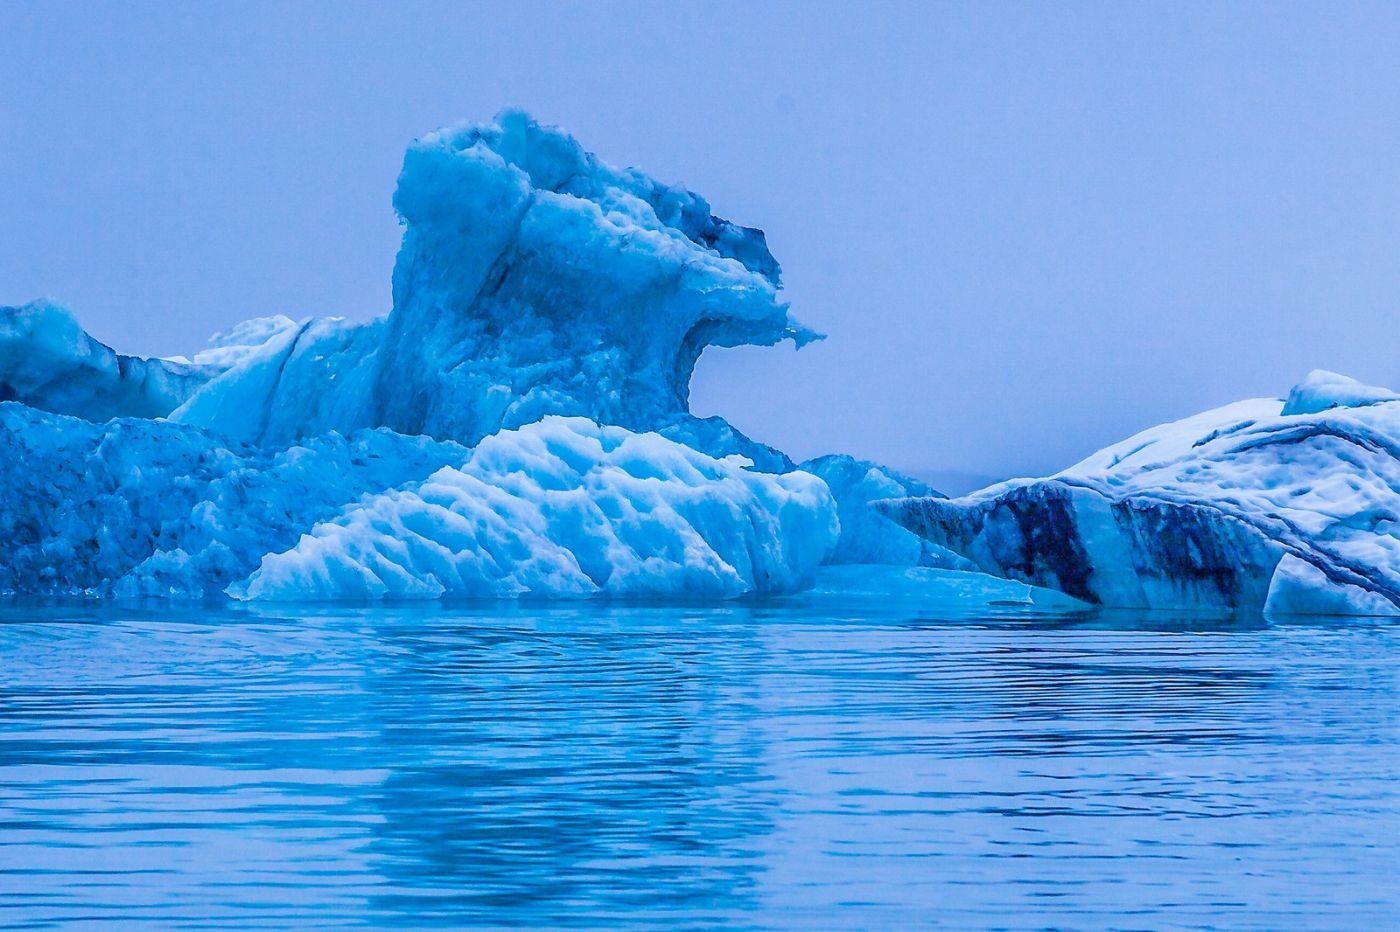 冰岛冰川泻湖(Glacier Lagoon),自然雕塑_图1-36